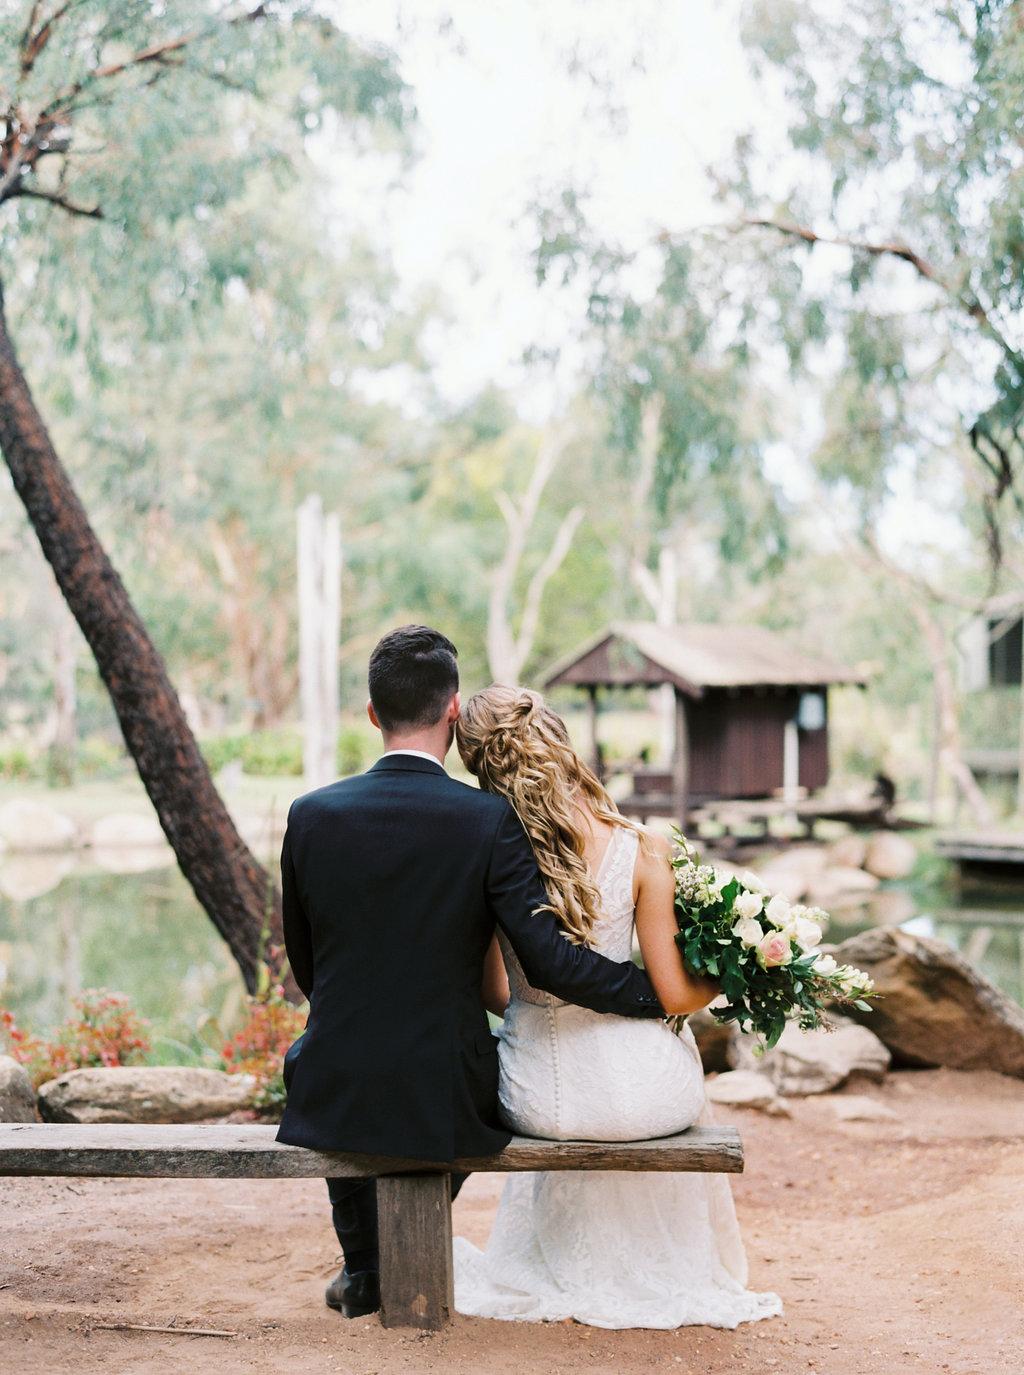 00078-AustraliaWeddingPhotographerSheriMcMahon.jpg